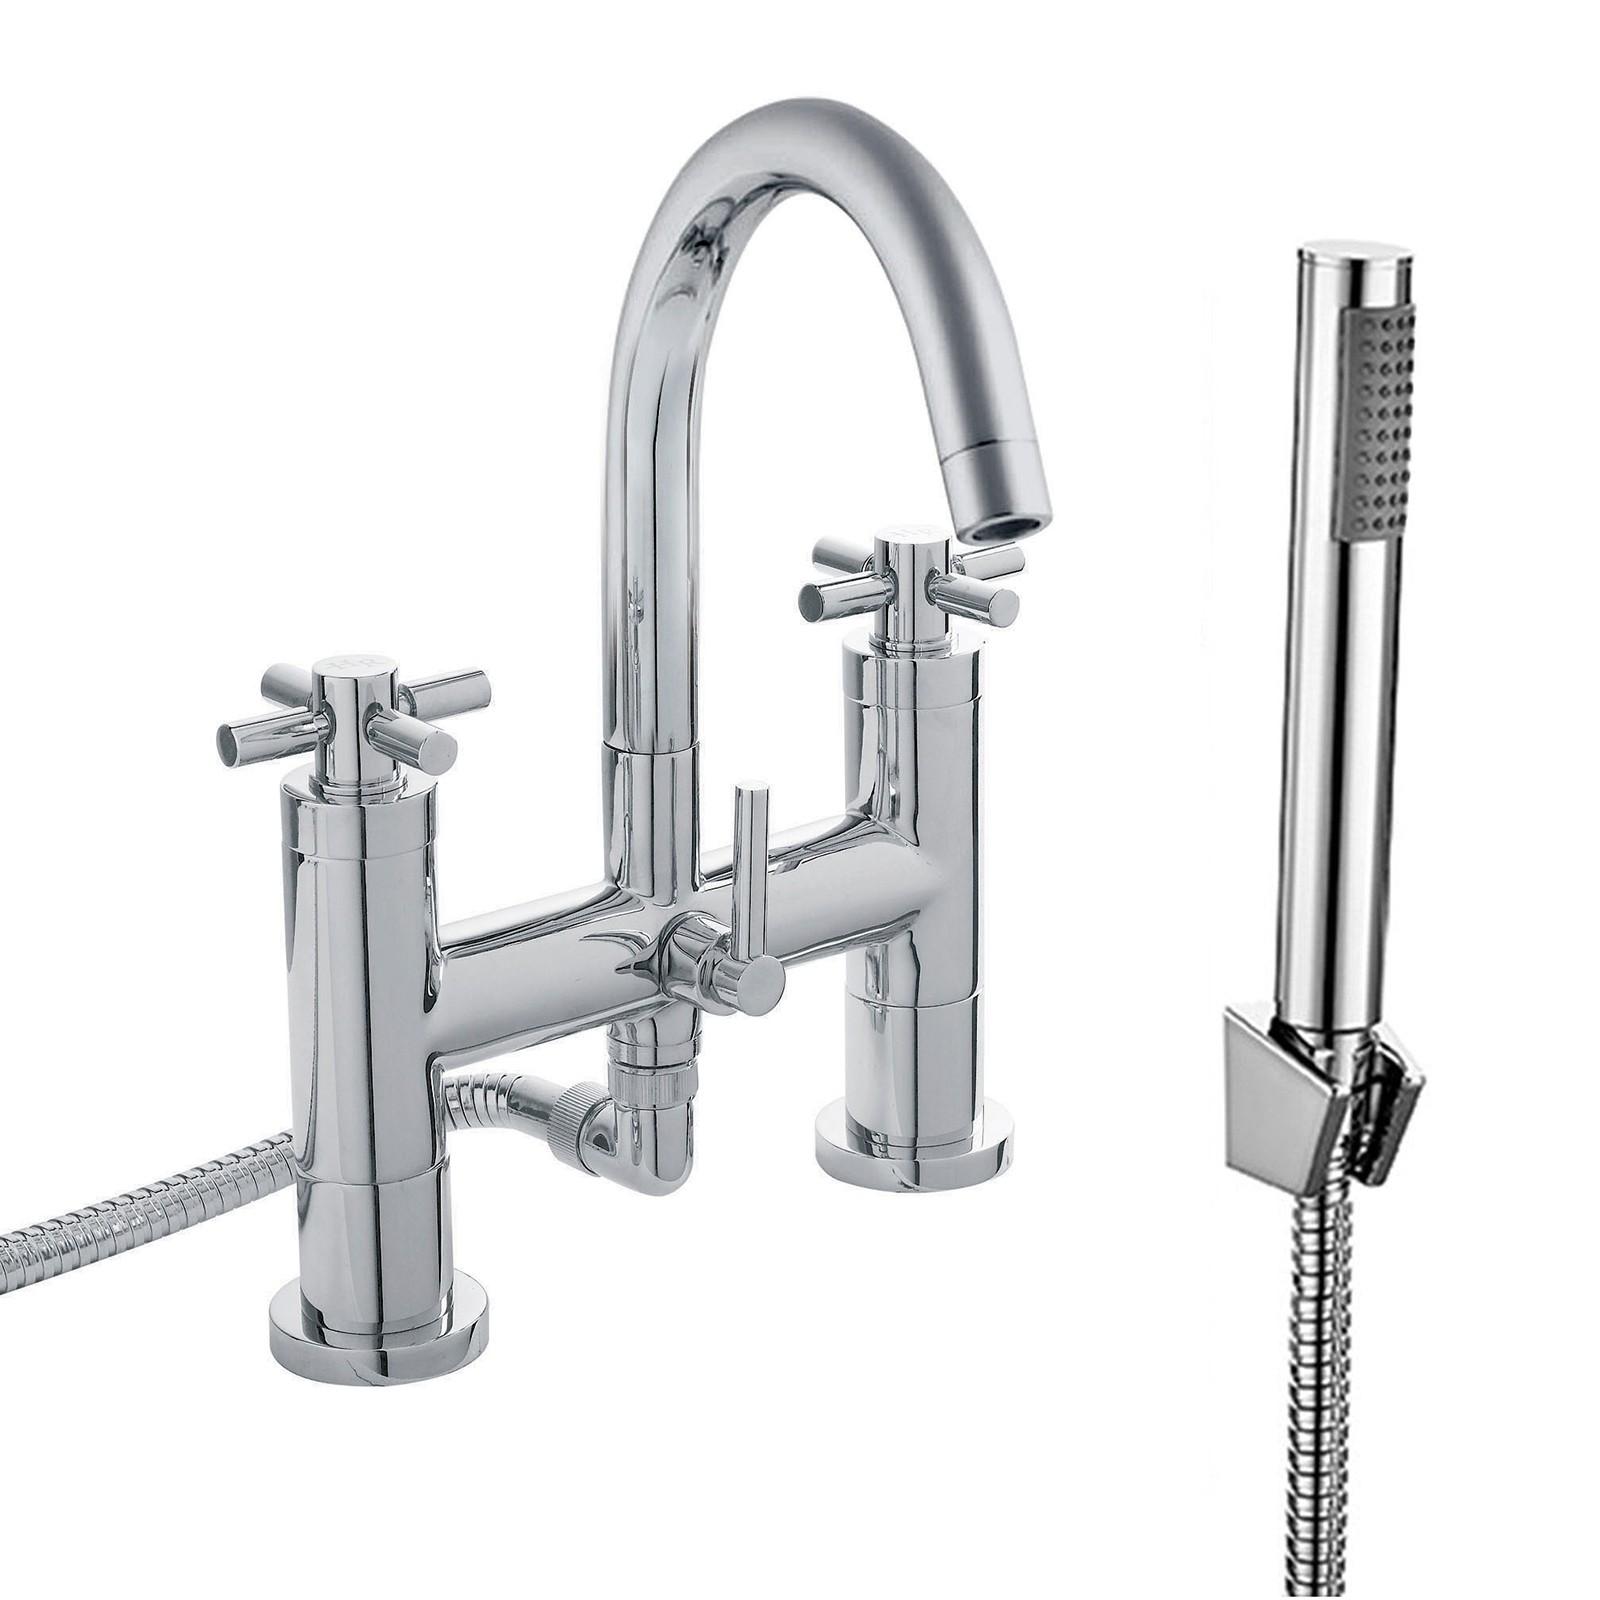 Mayfair Bath Shower Mixer Tap B Mbt08 Bathroom House